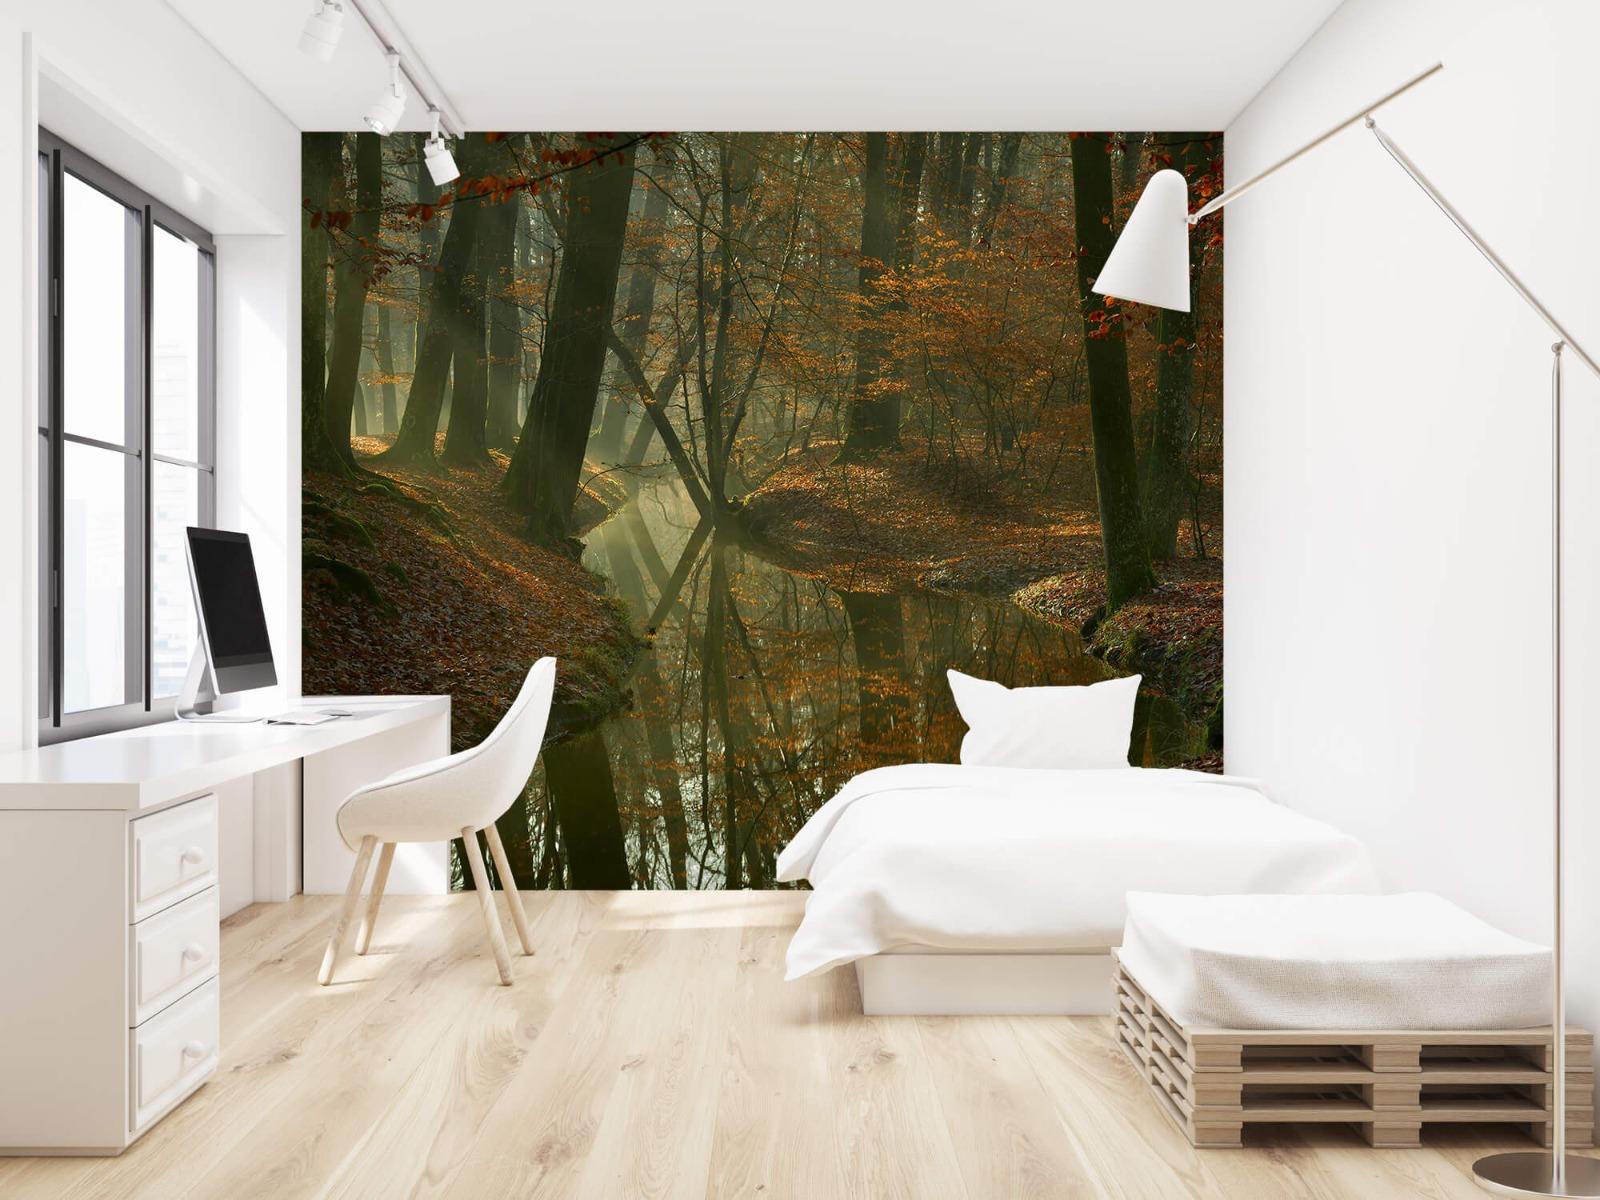 Herfst - Beek door het bos - Slaapkamer 22